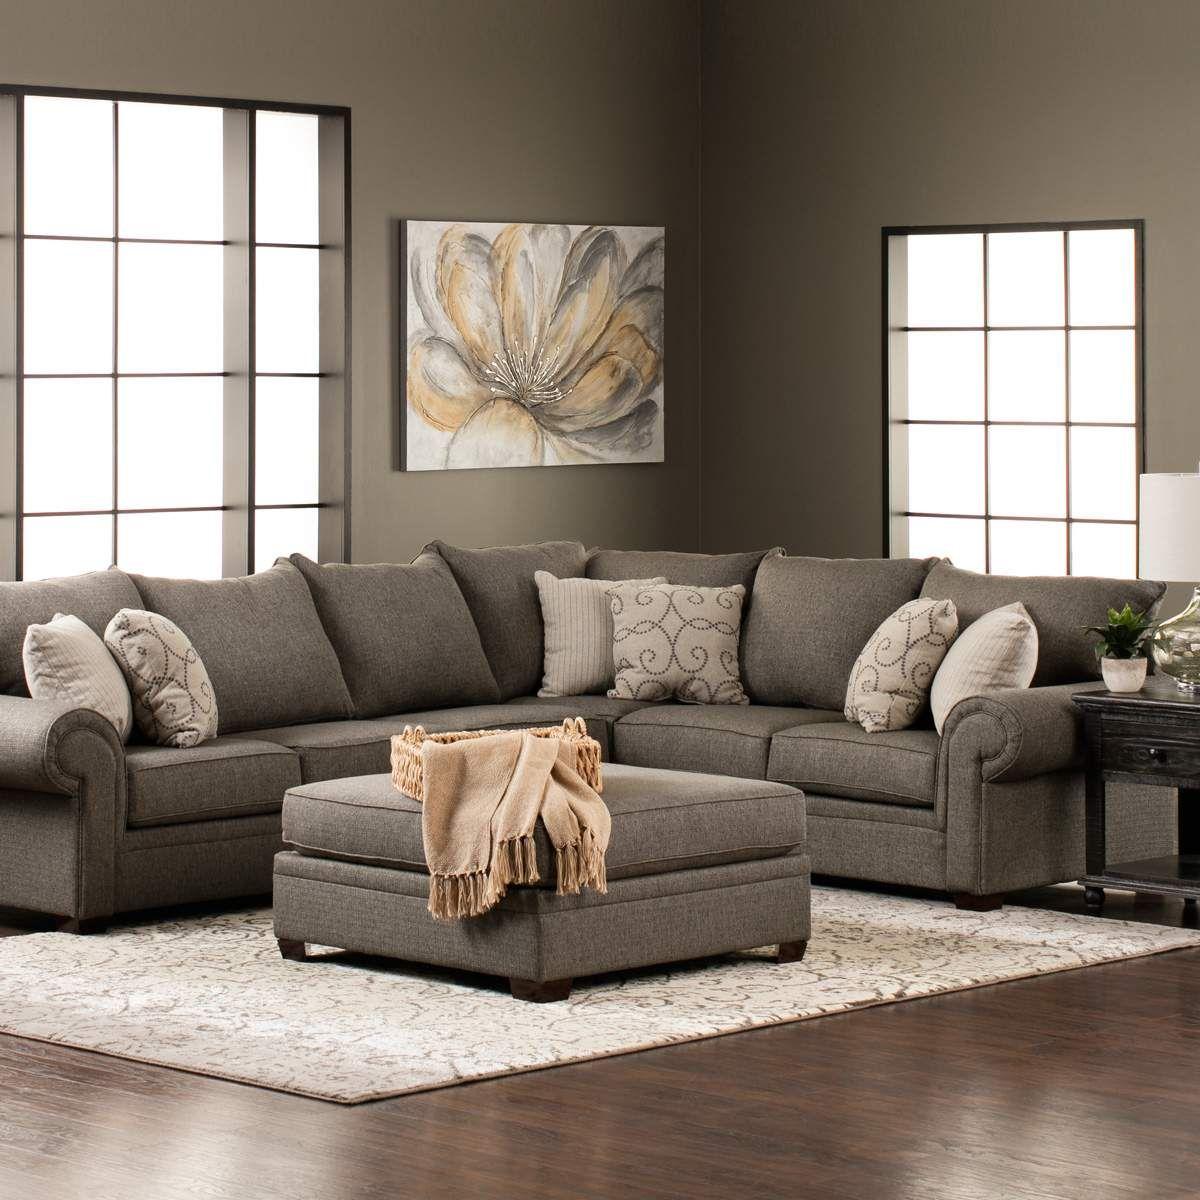 Best Keaton Raf Sofa 1 Arm Laf Sofa In Gray Jerome S 400 x 300